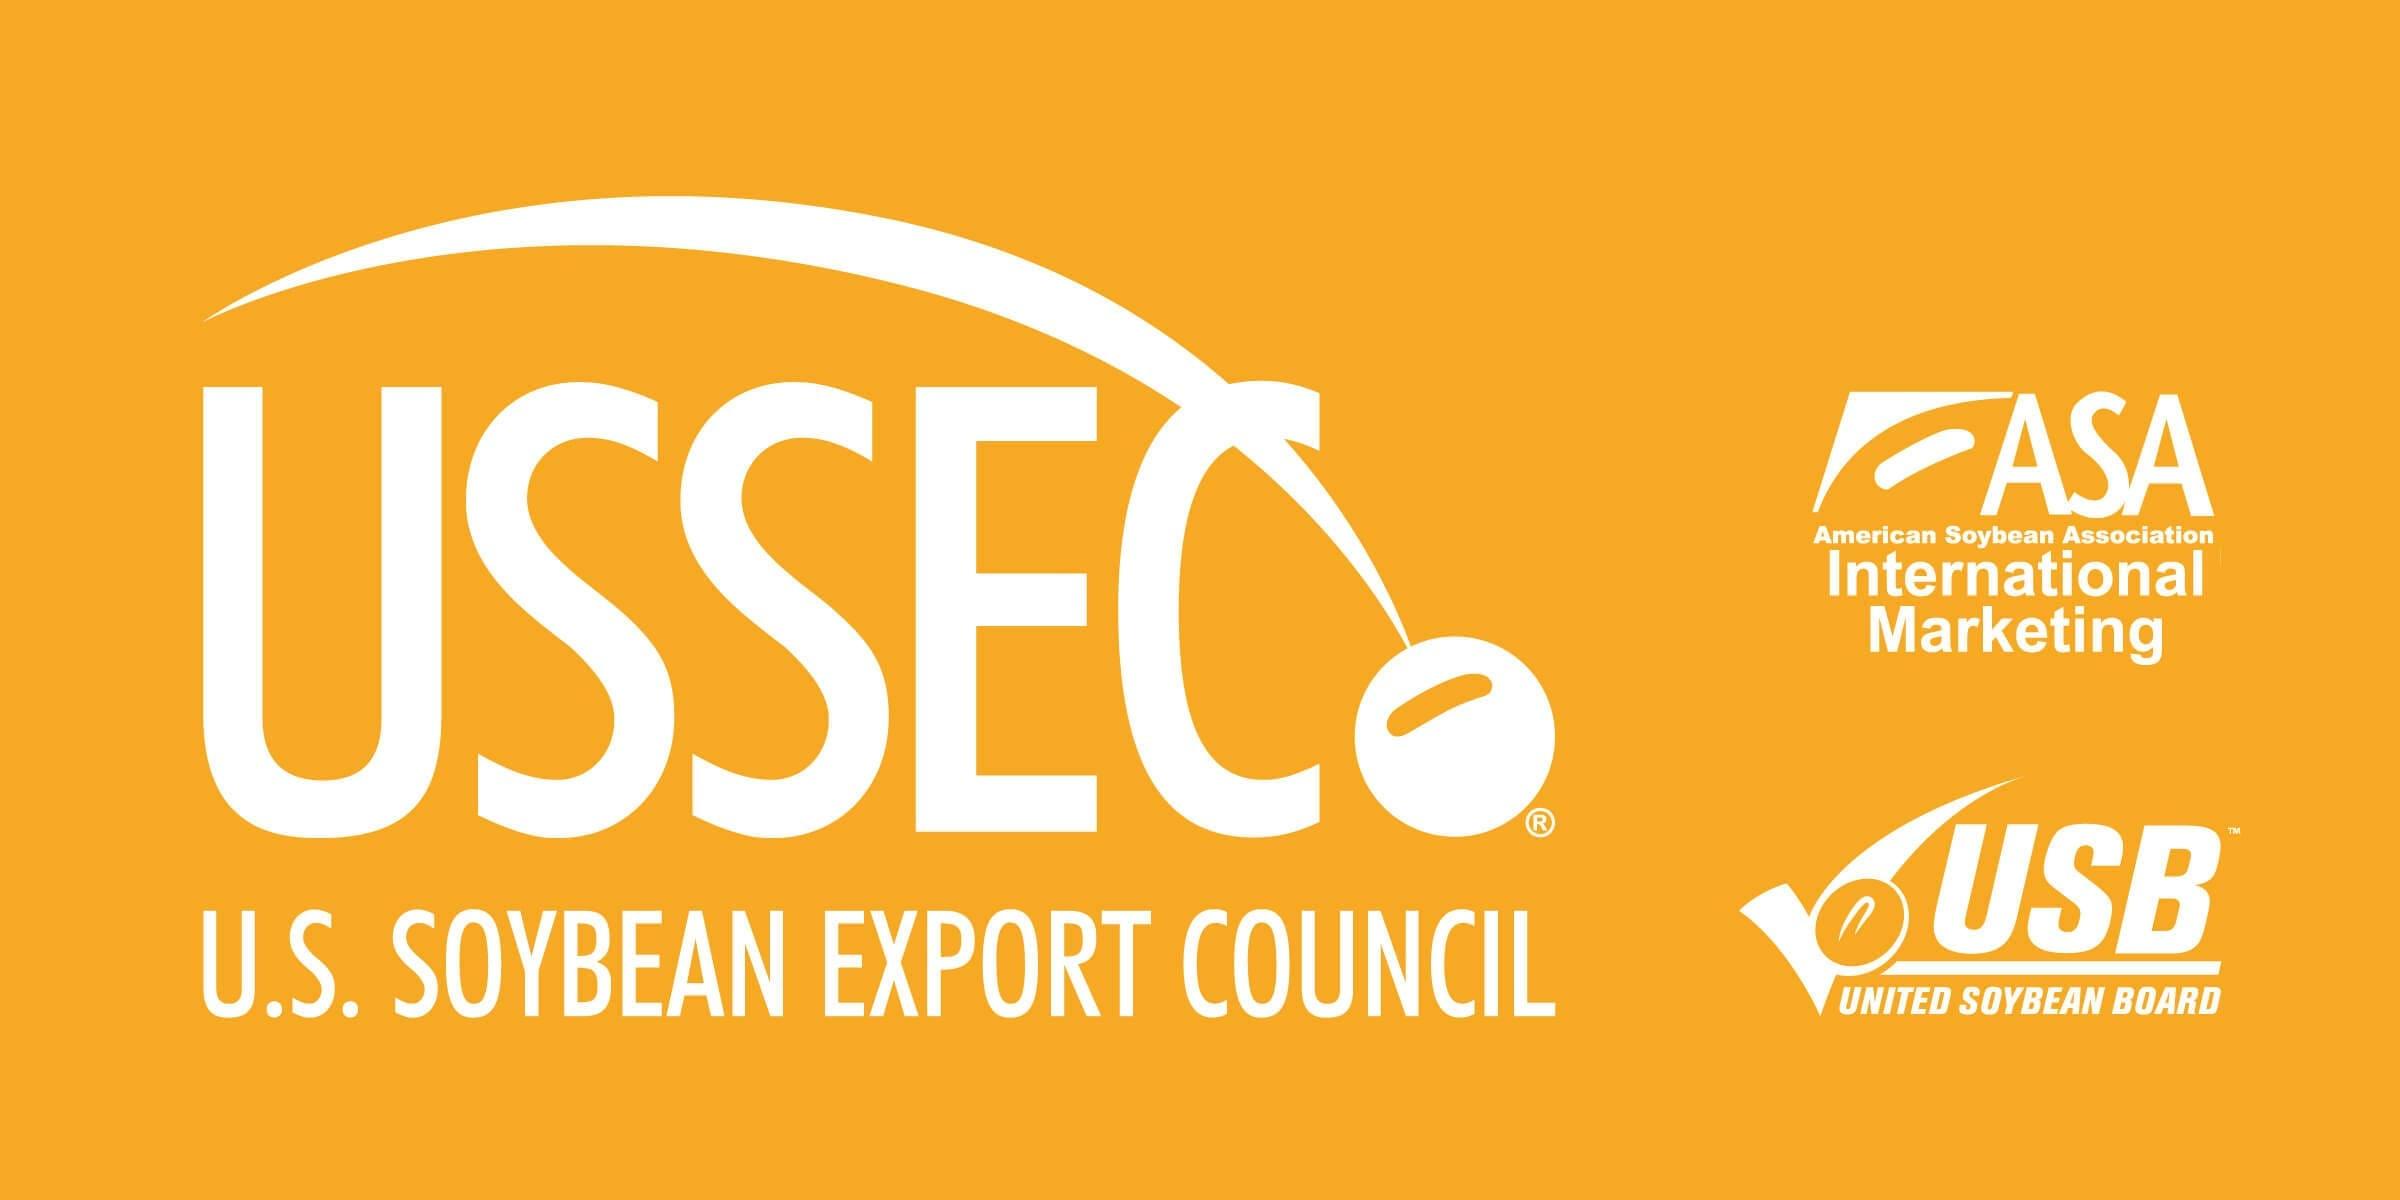 ussec.org